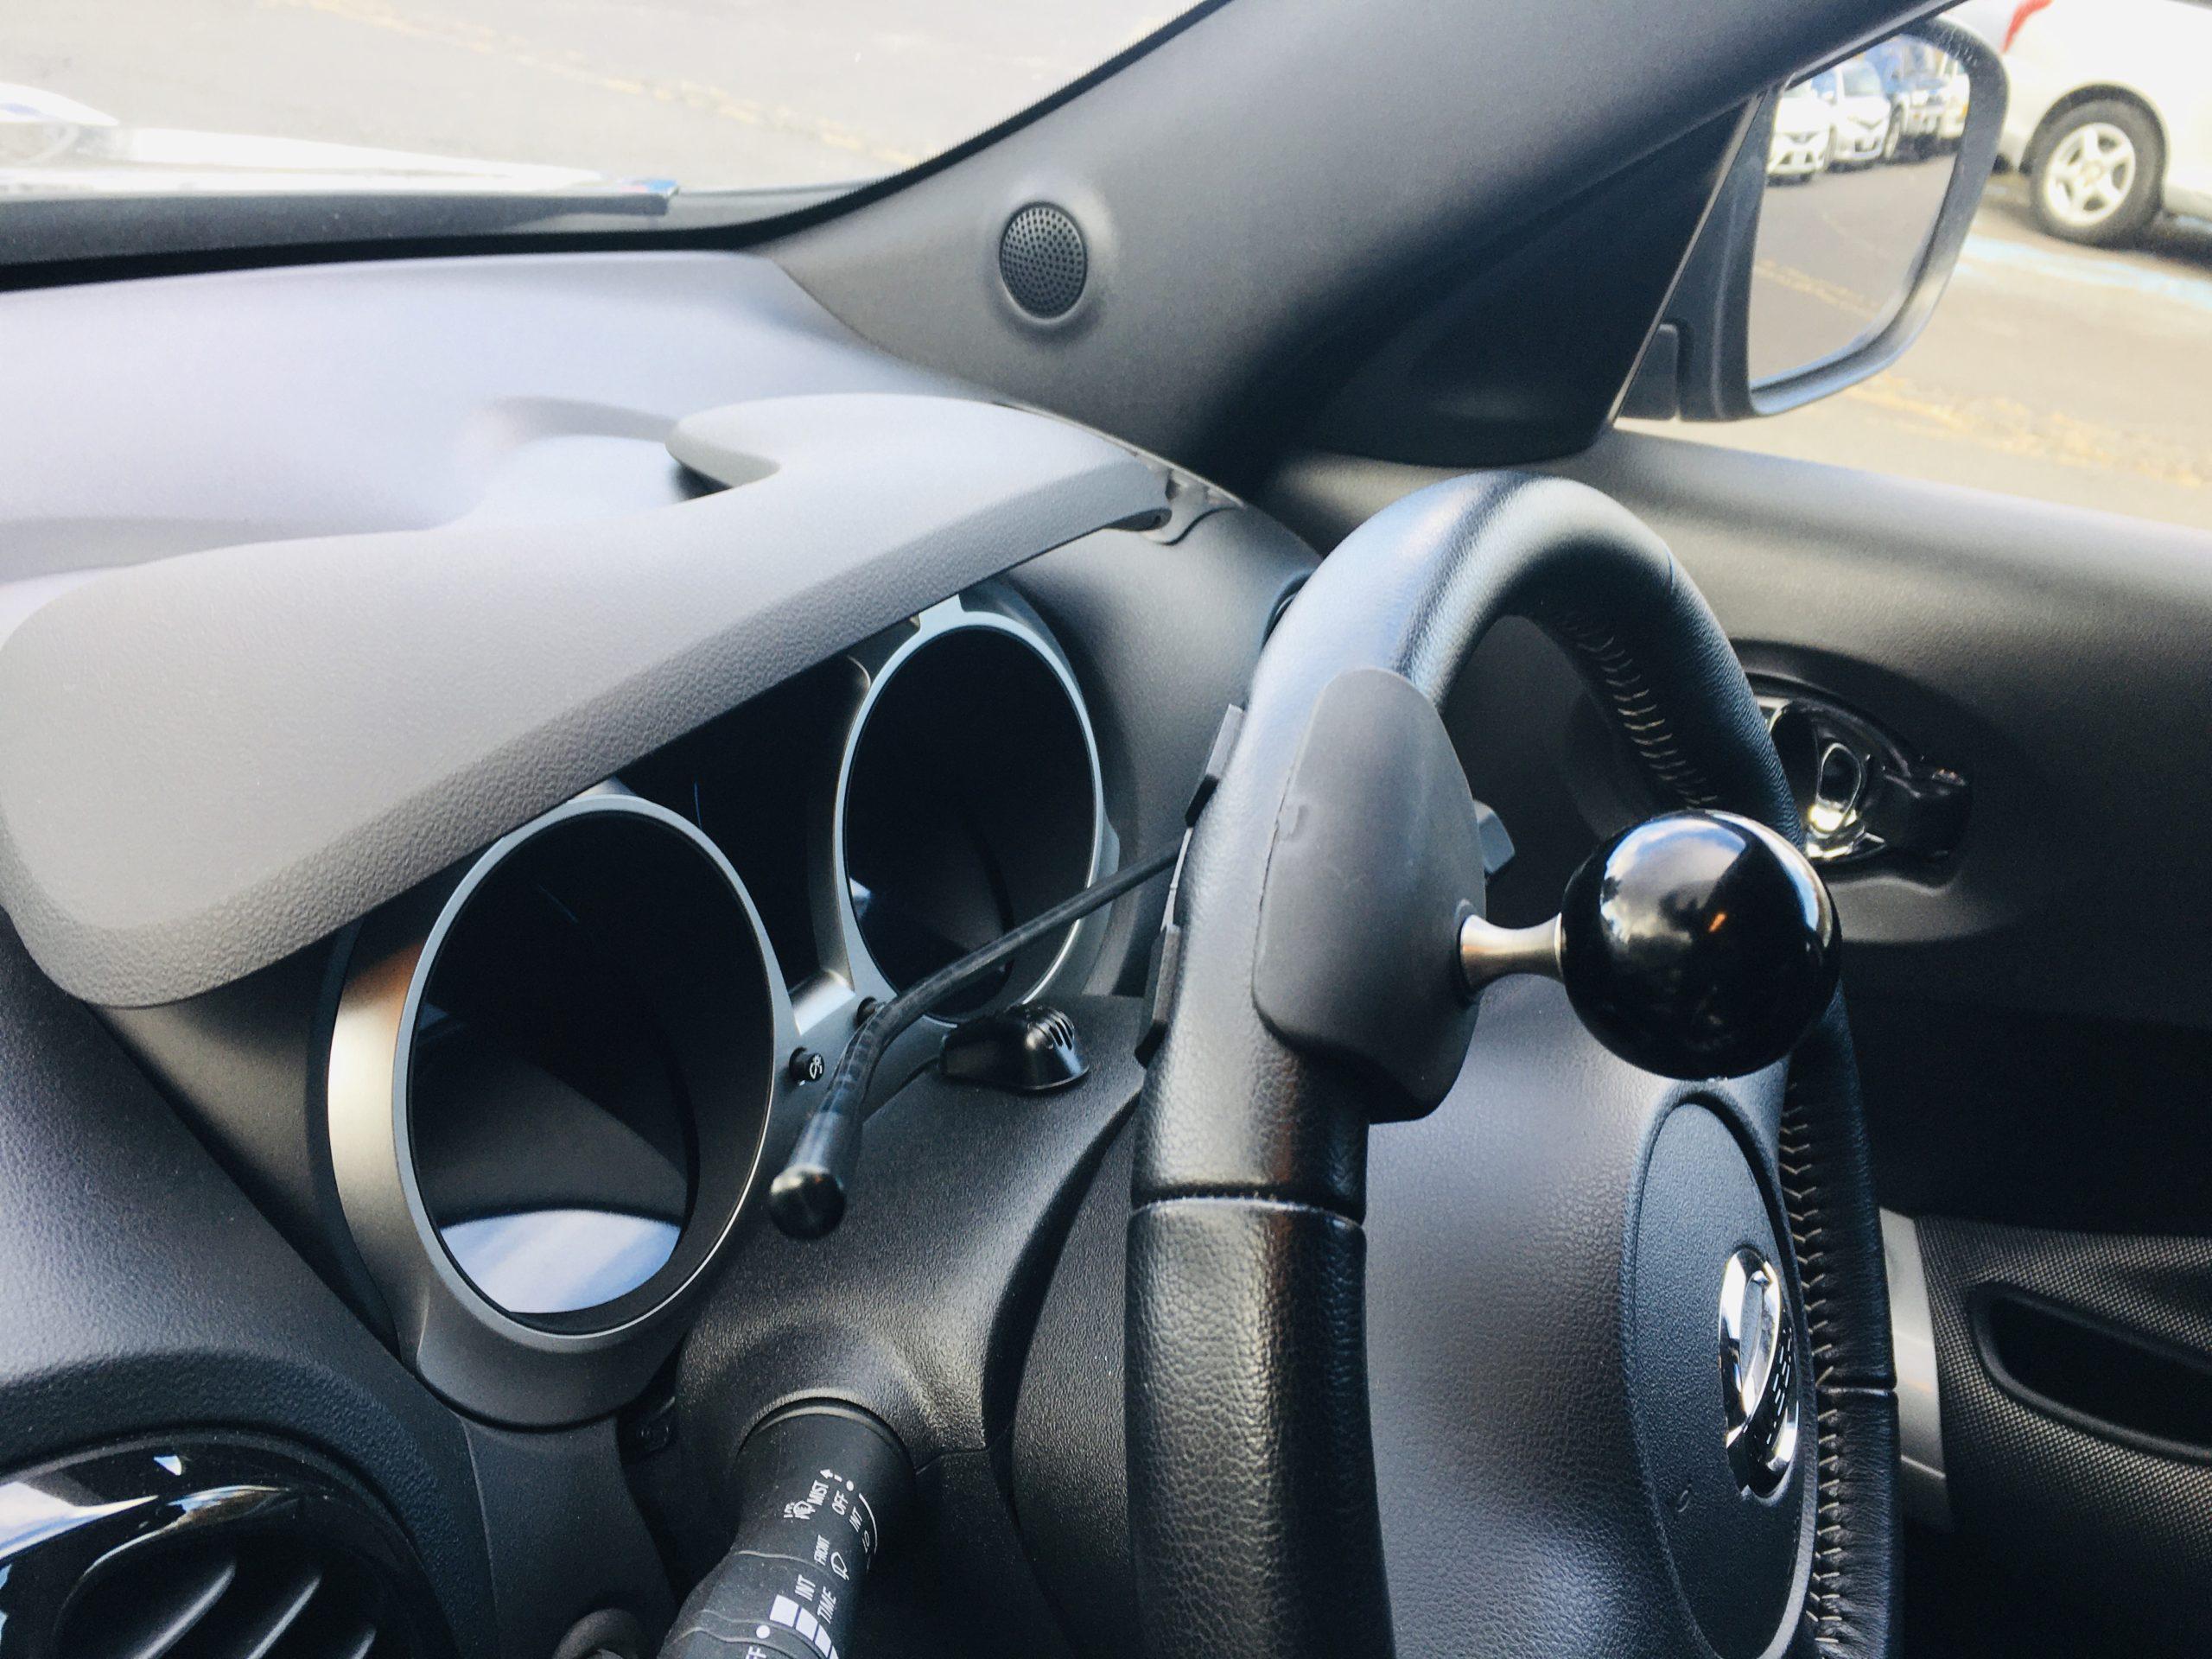 福祉車両改造 日産ジューク 左足アクセル 福祉車両への改造 ⑤